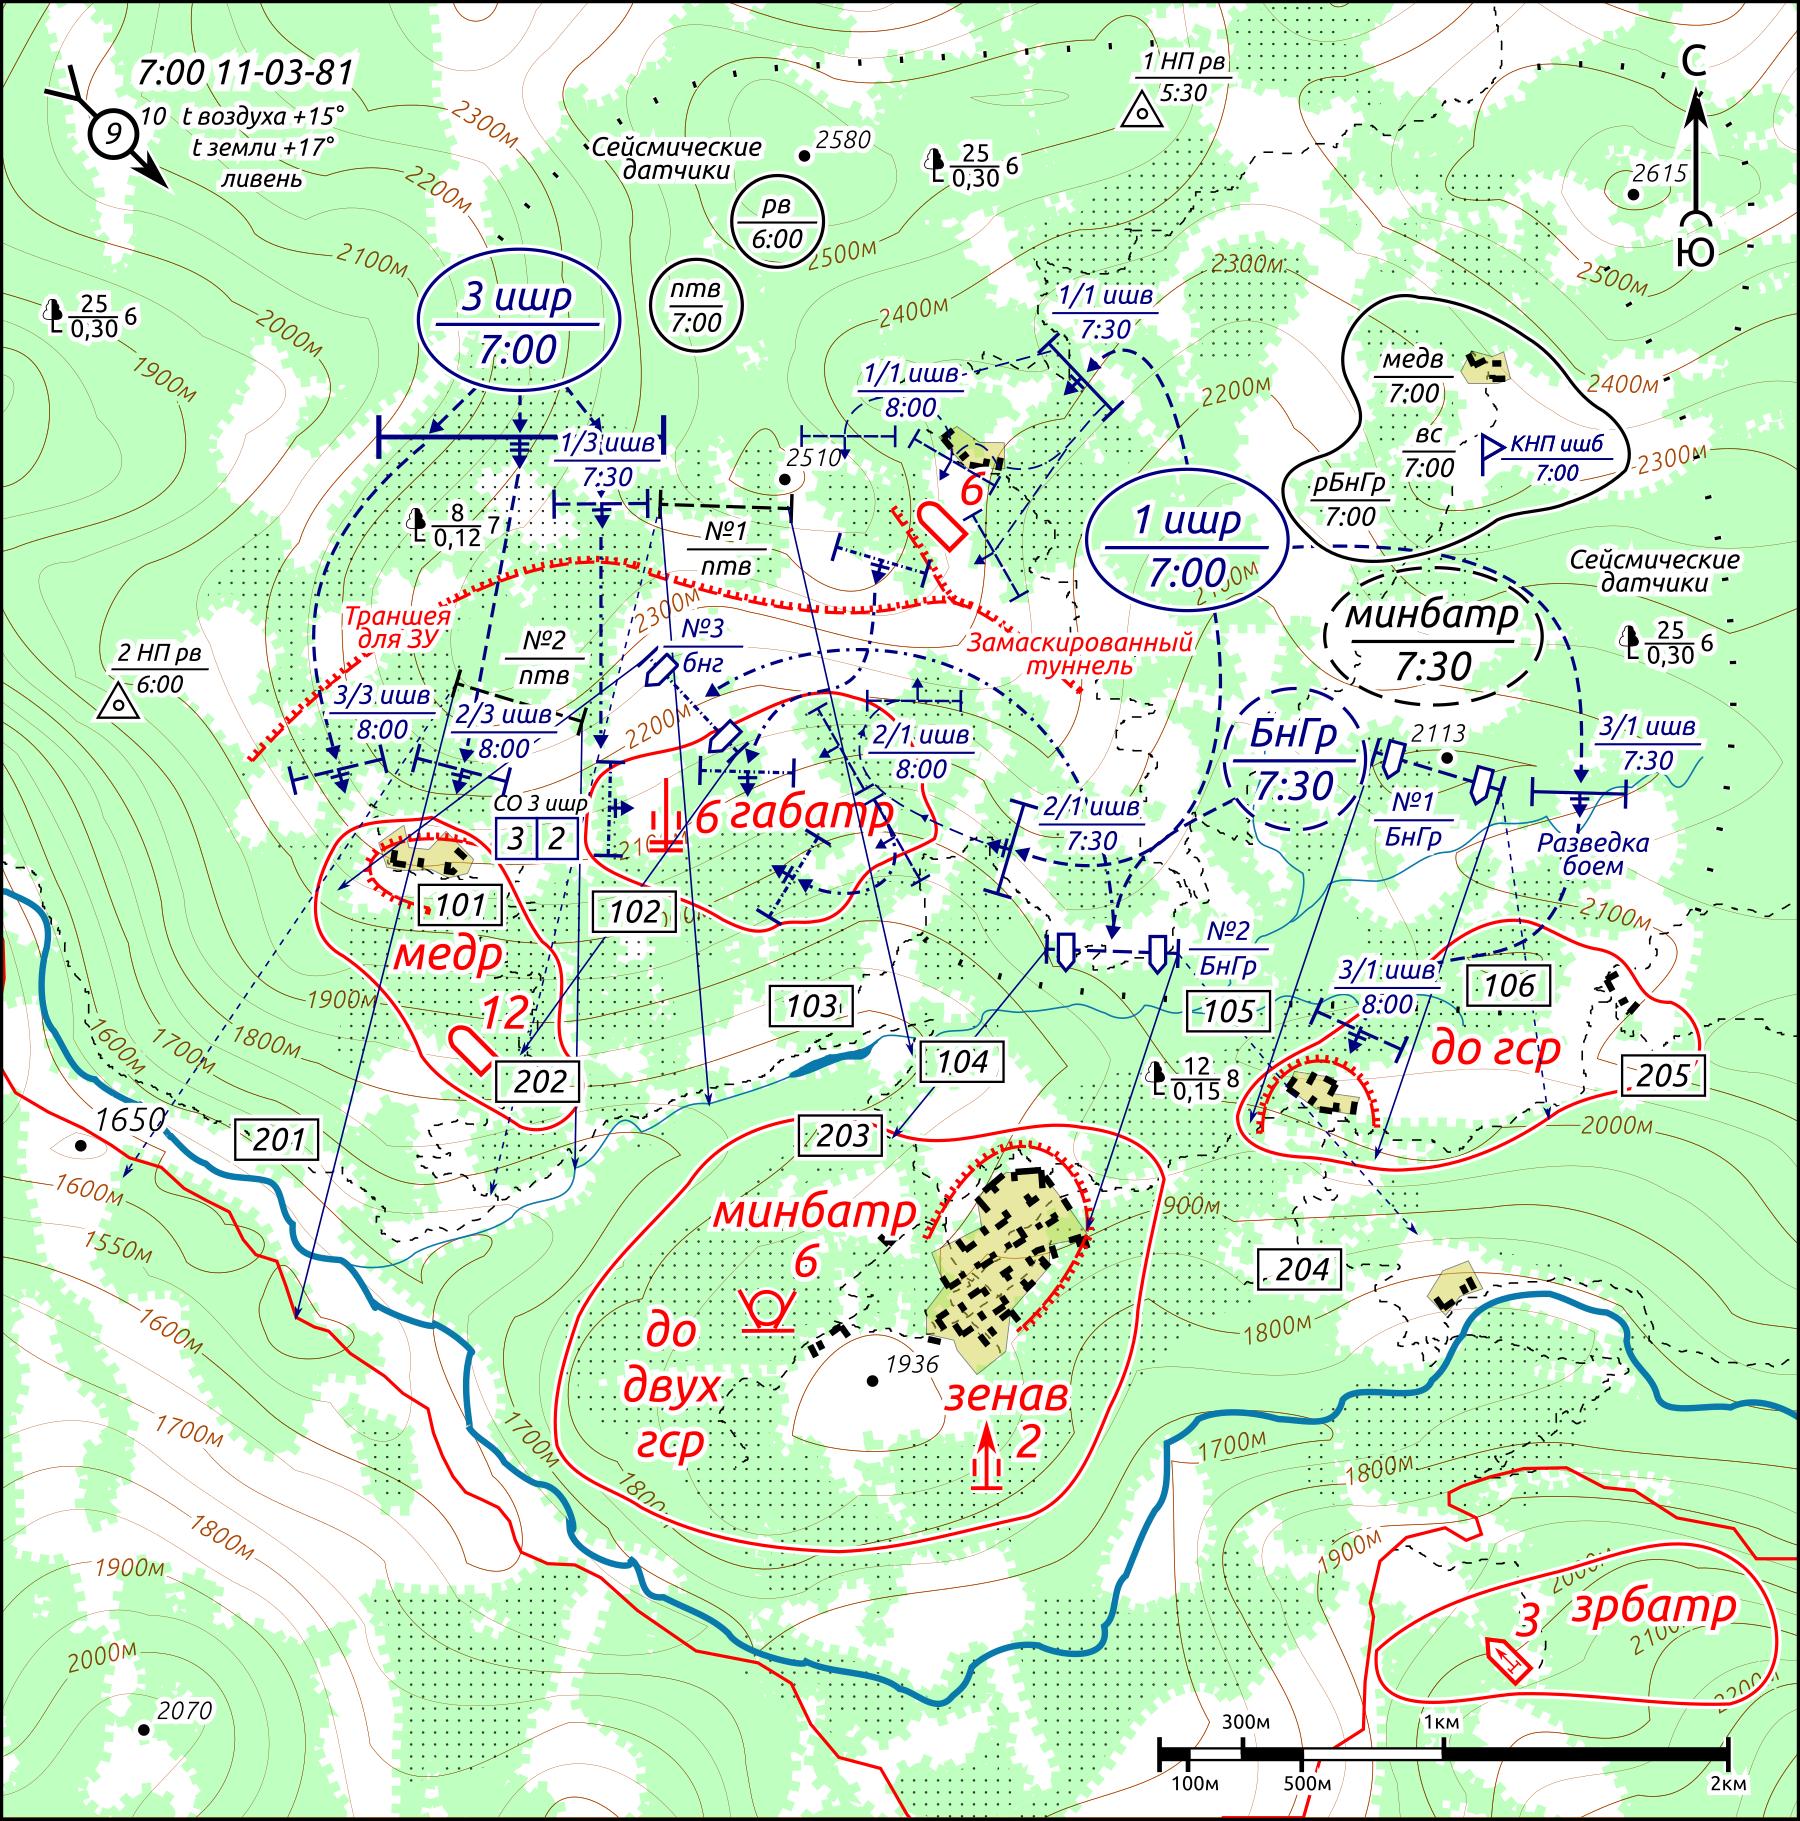 Операция Утконос, схема боя, наступление штурмовиков